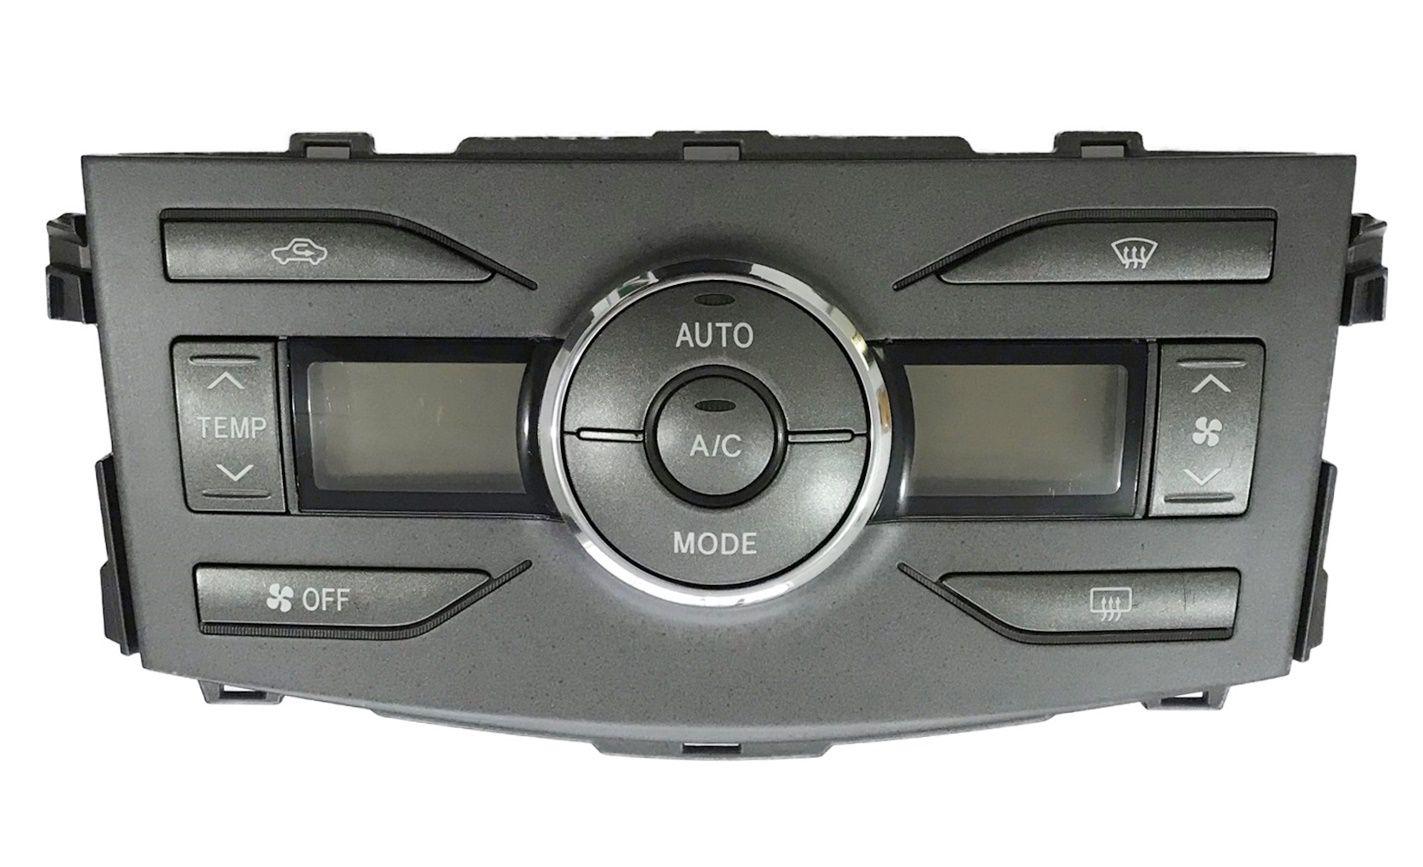 Comando Controle De Ar Condicionado Digital Do Painel Original Toyota Corolla 09 010 011 012